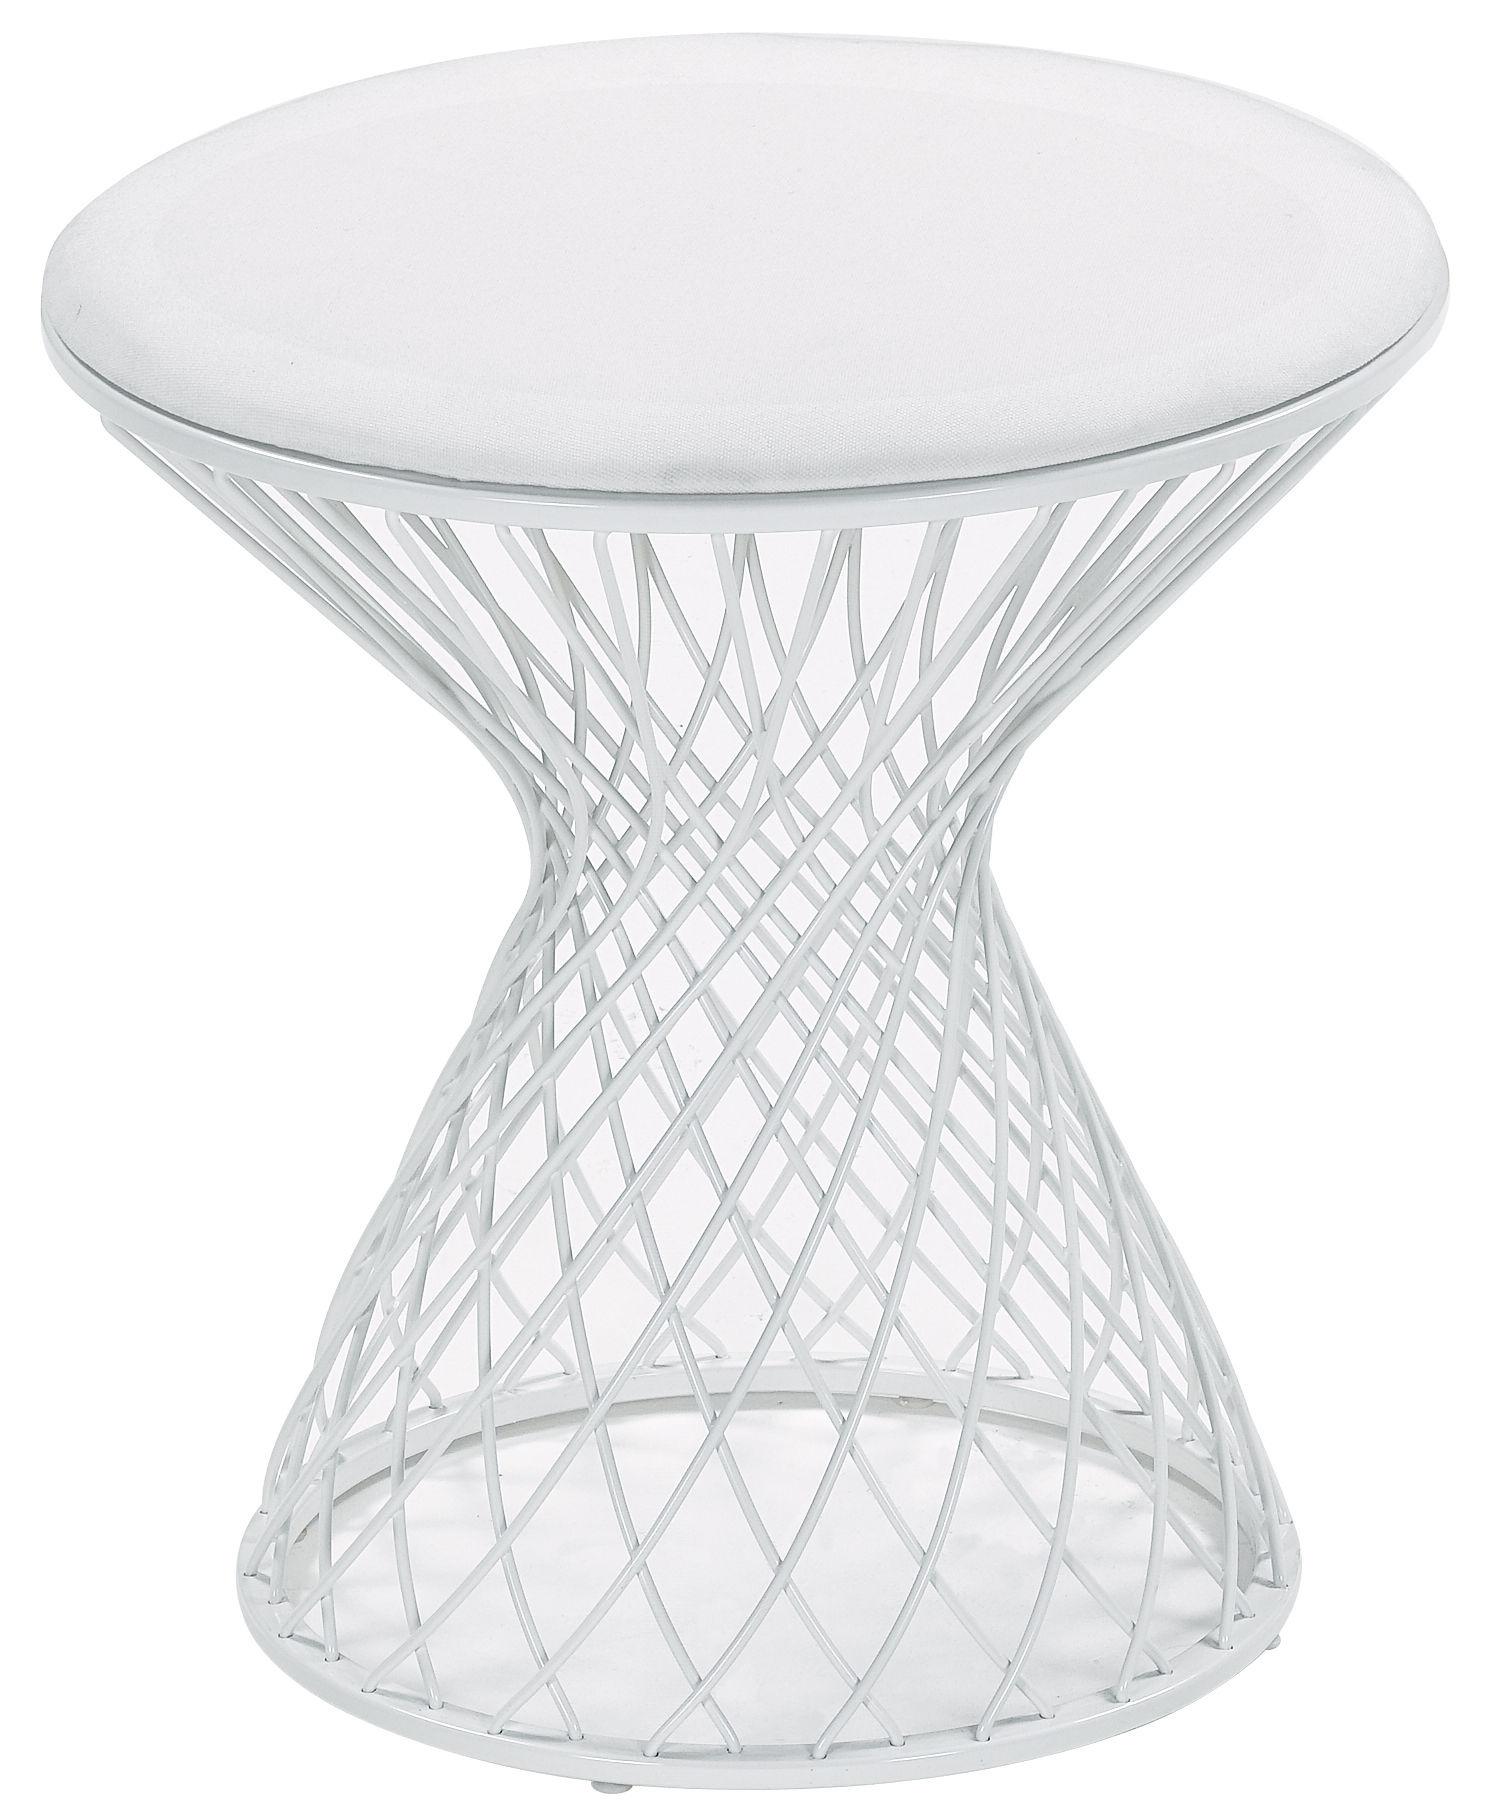 Mobilier - Tabourets bas - Tabouret Heaven / Tissu & métal - Emu - Blanc mat - Acier, Tissu acrylique